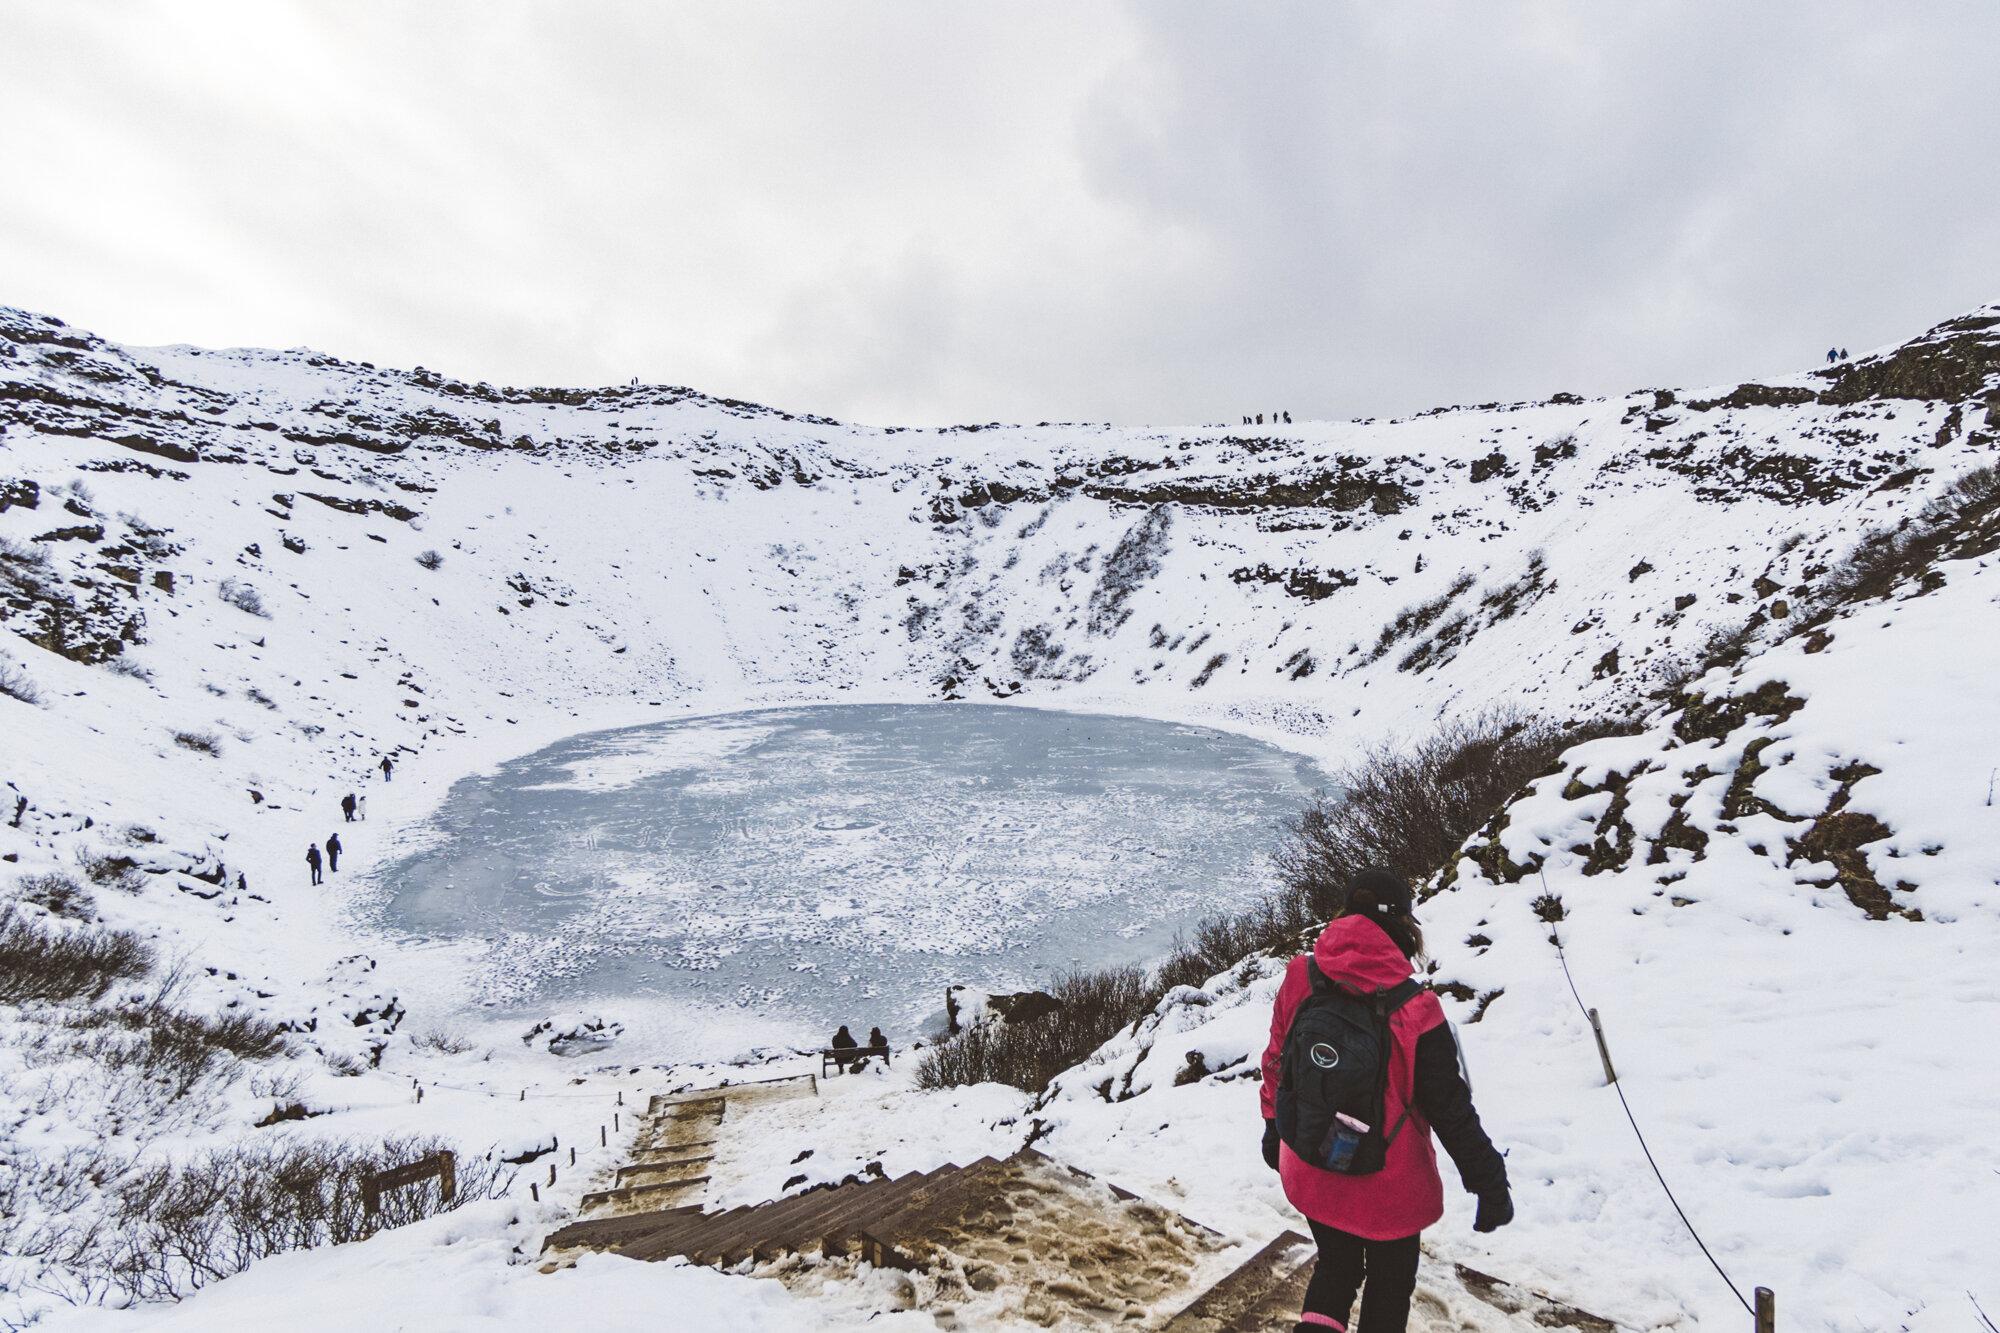 身穿红色大衣的人俯瞰着冰岛冰雪覆盖的火山口湖